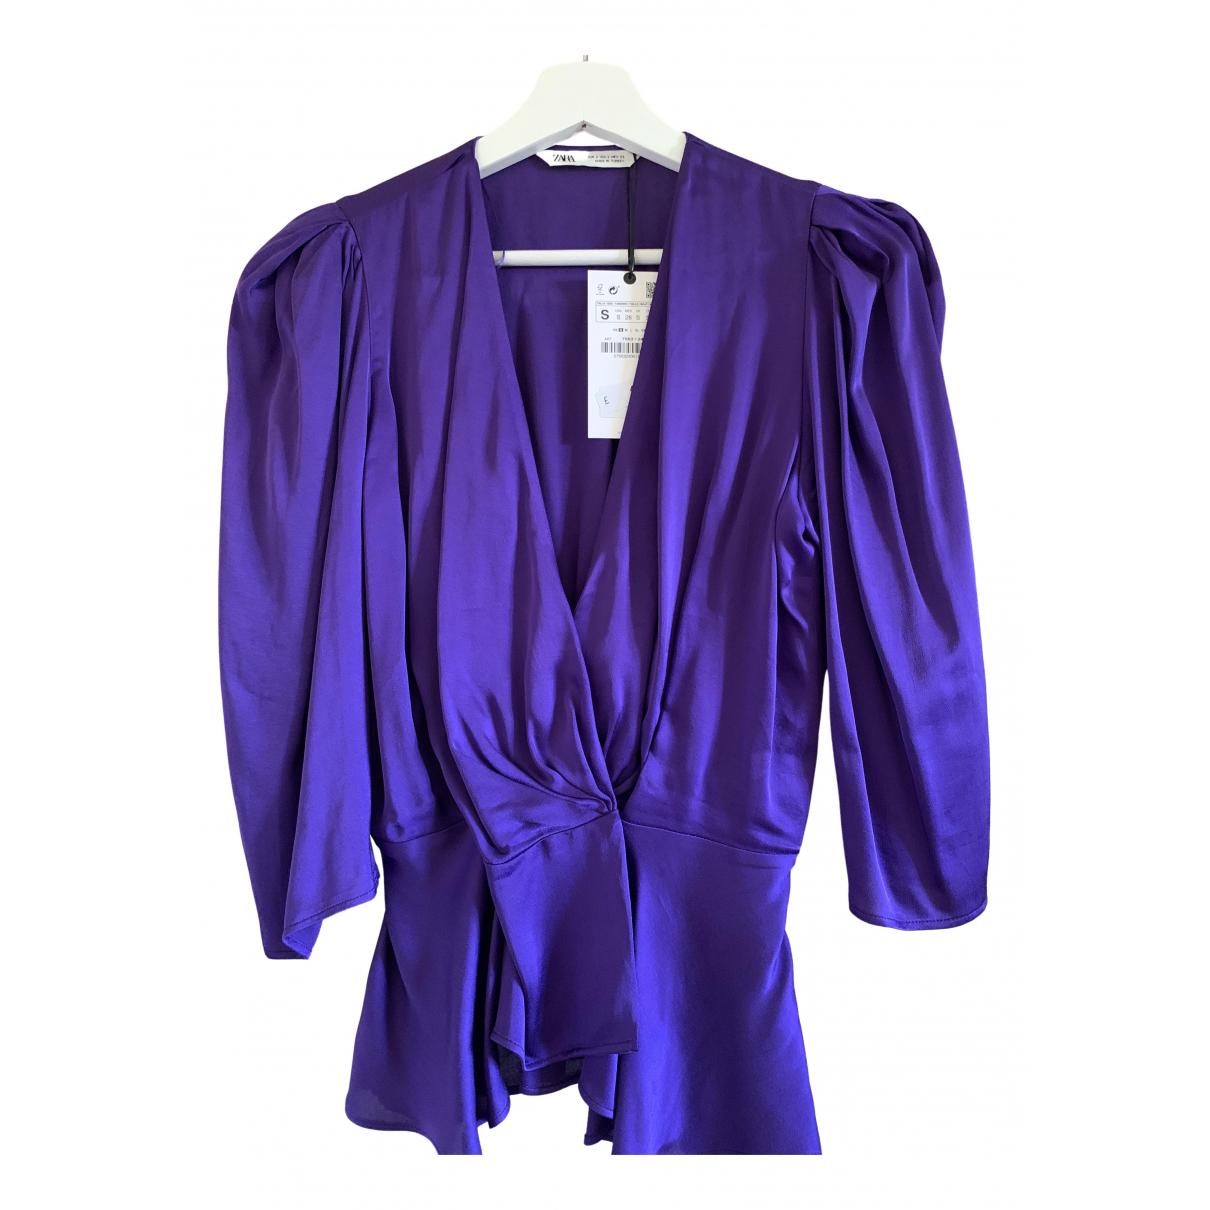 Zara - Top   pour femme - violet